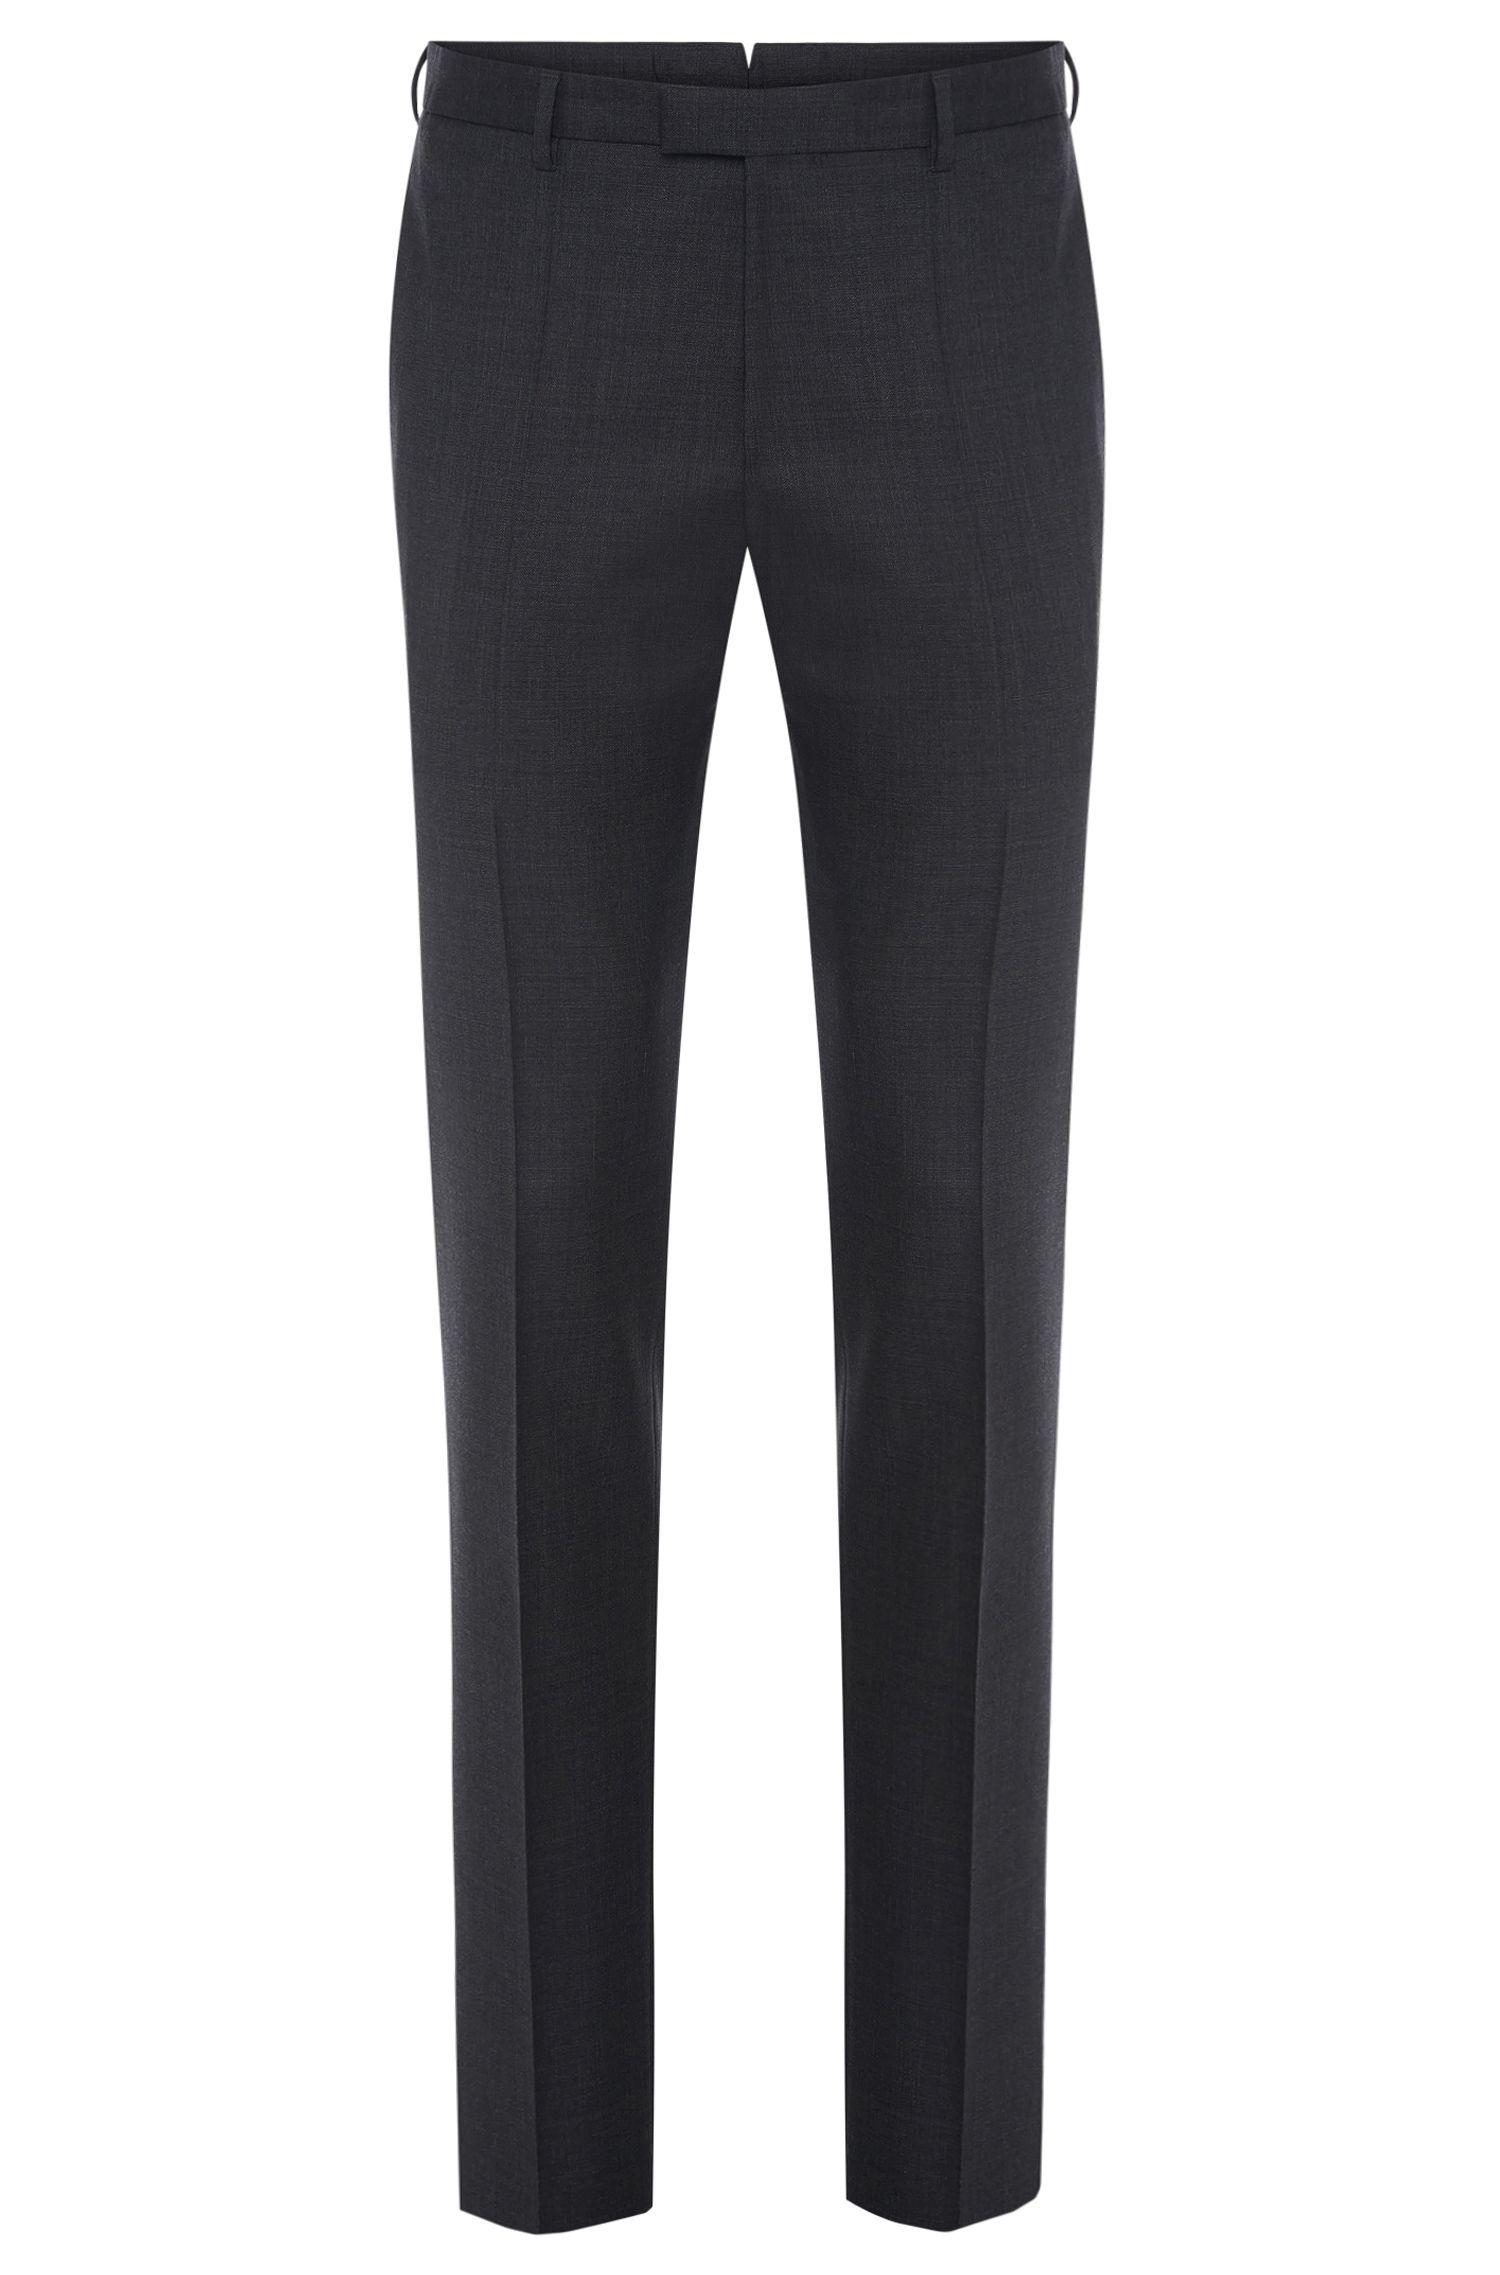 Pantalón slim fit de sastrería en lana virgen con textura fina: 'T-Bale'